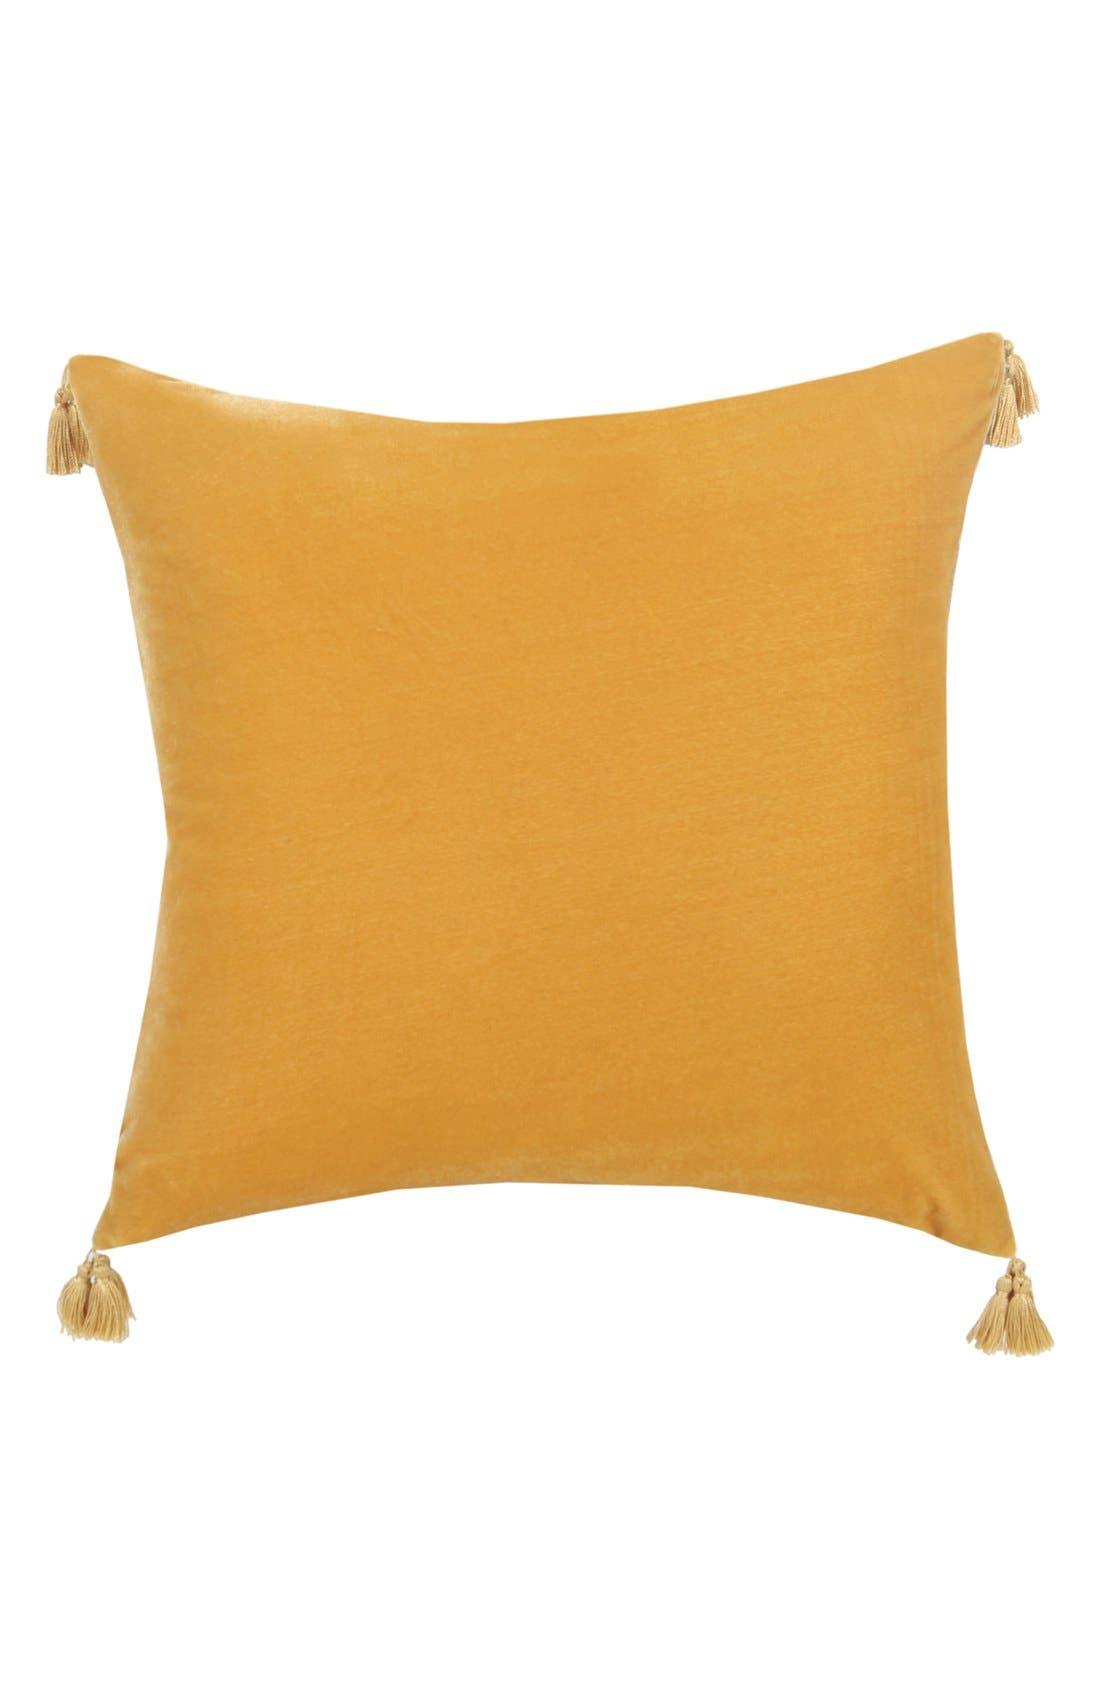 Main Image - Blissliving Home 'Addison' Velvet & Linen Pillow (Online Only)